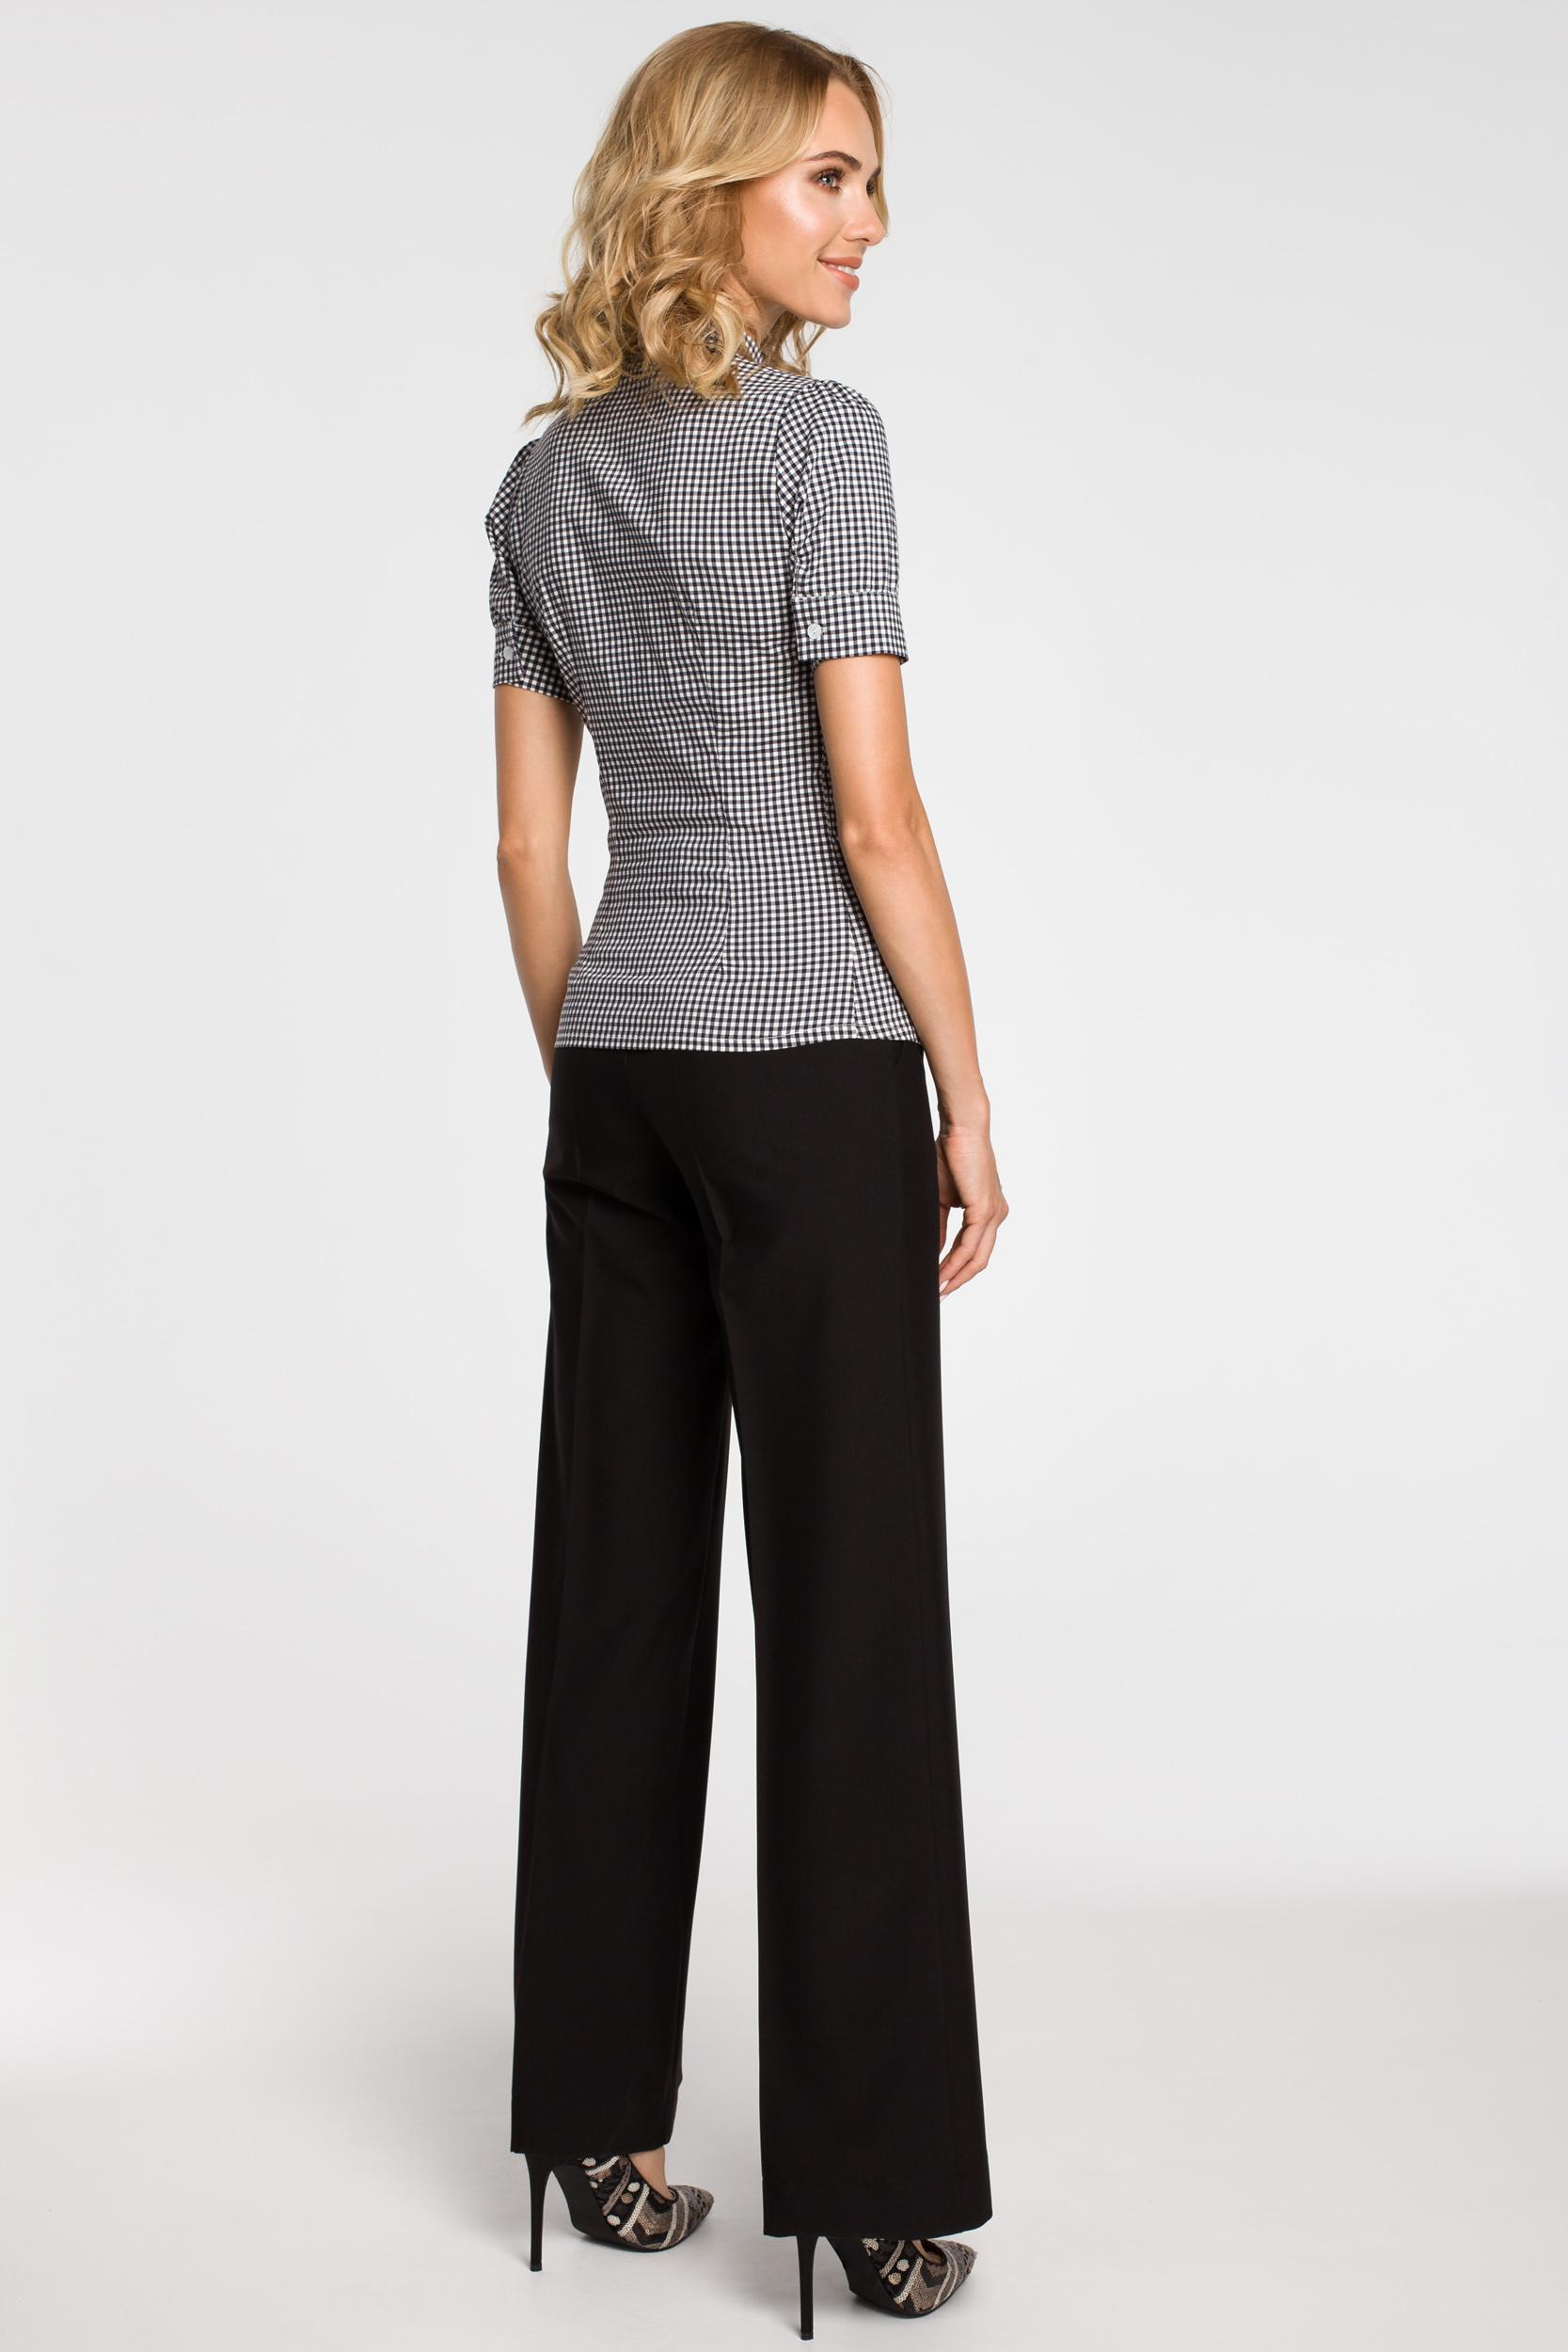 CM0786 Koszula damska w kratkę z kokardą i krótkim rękawem - czarna